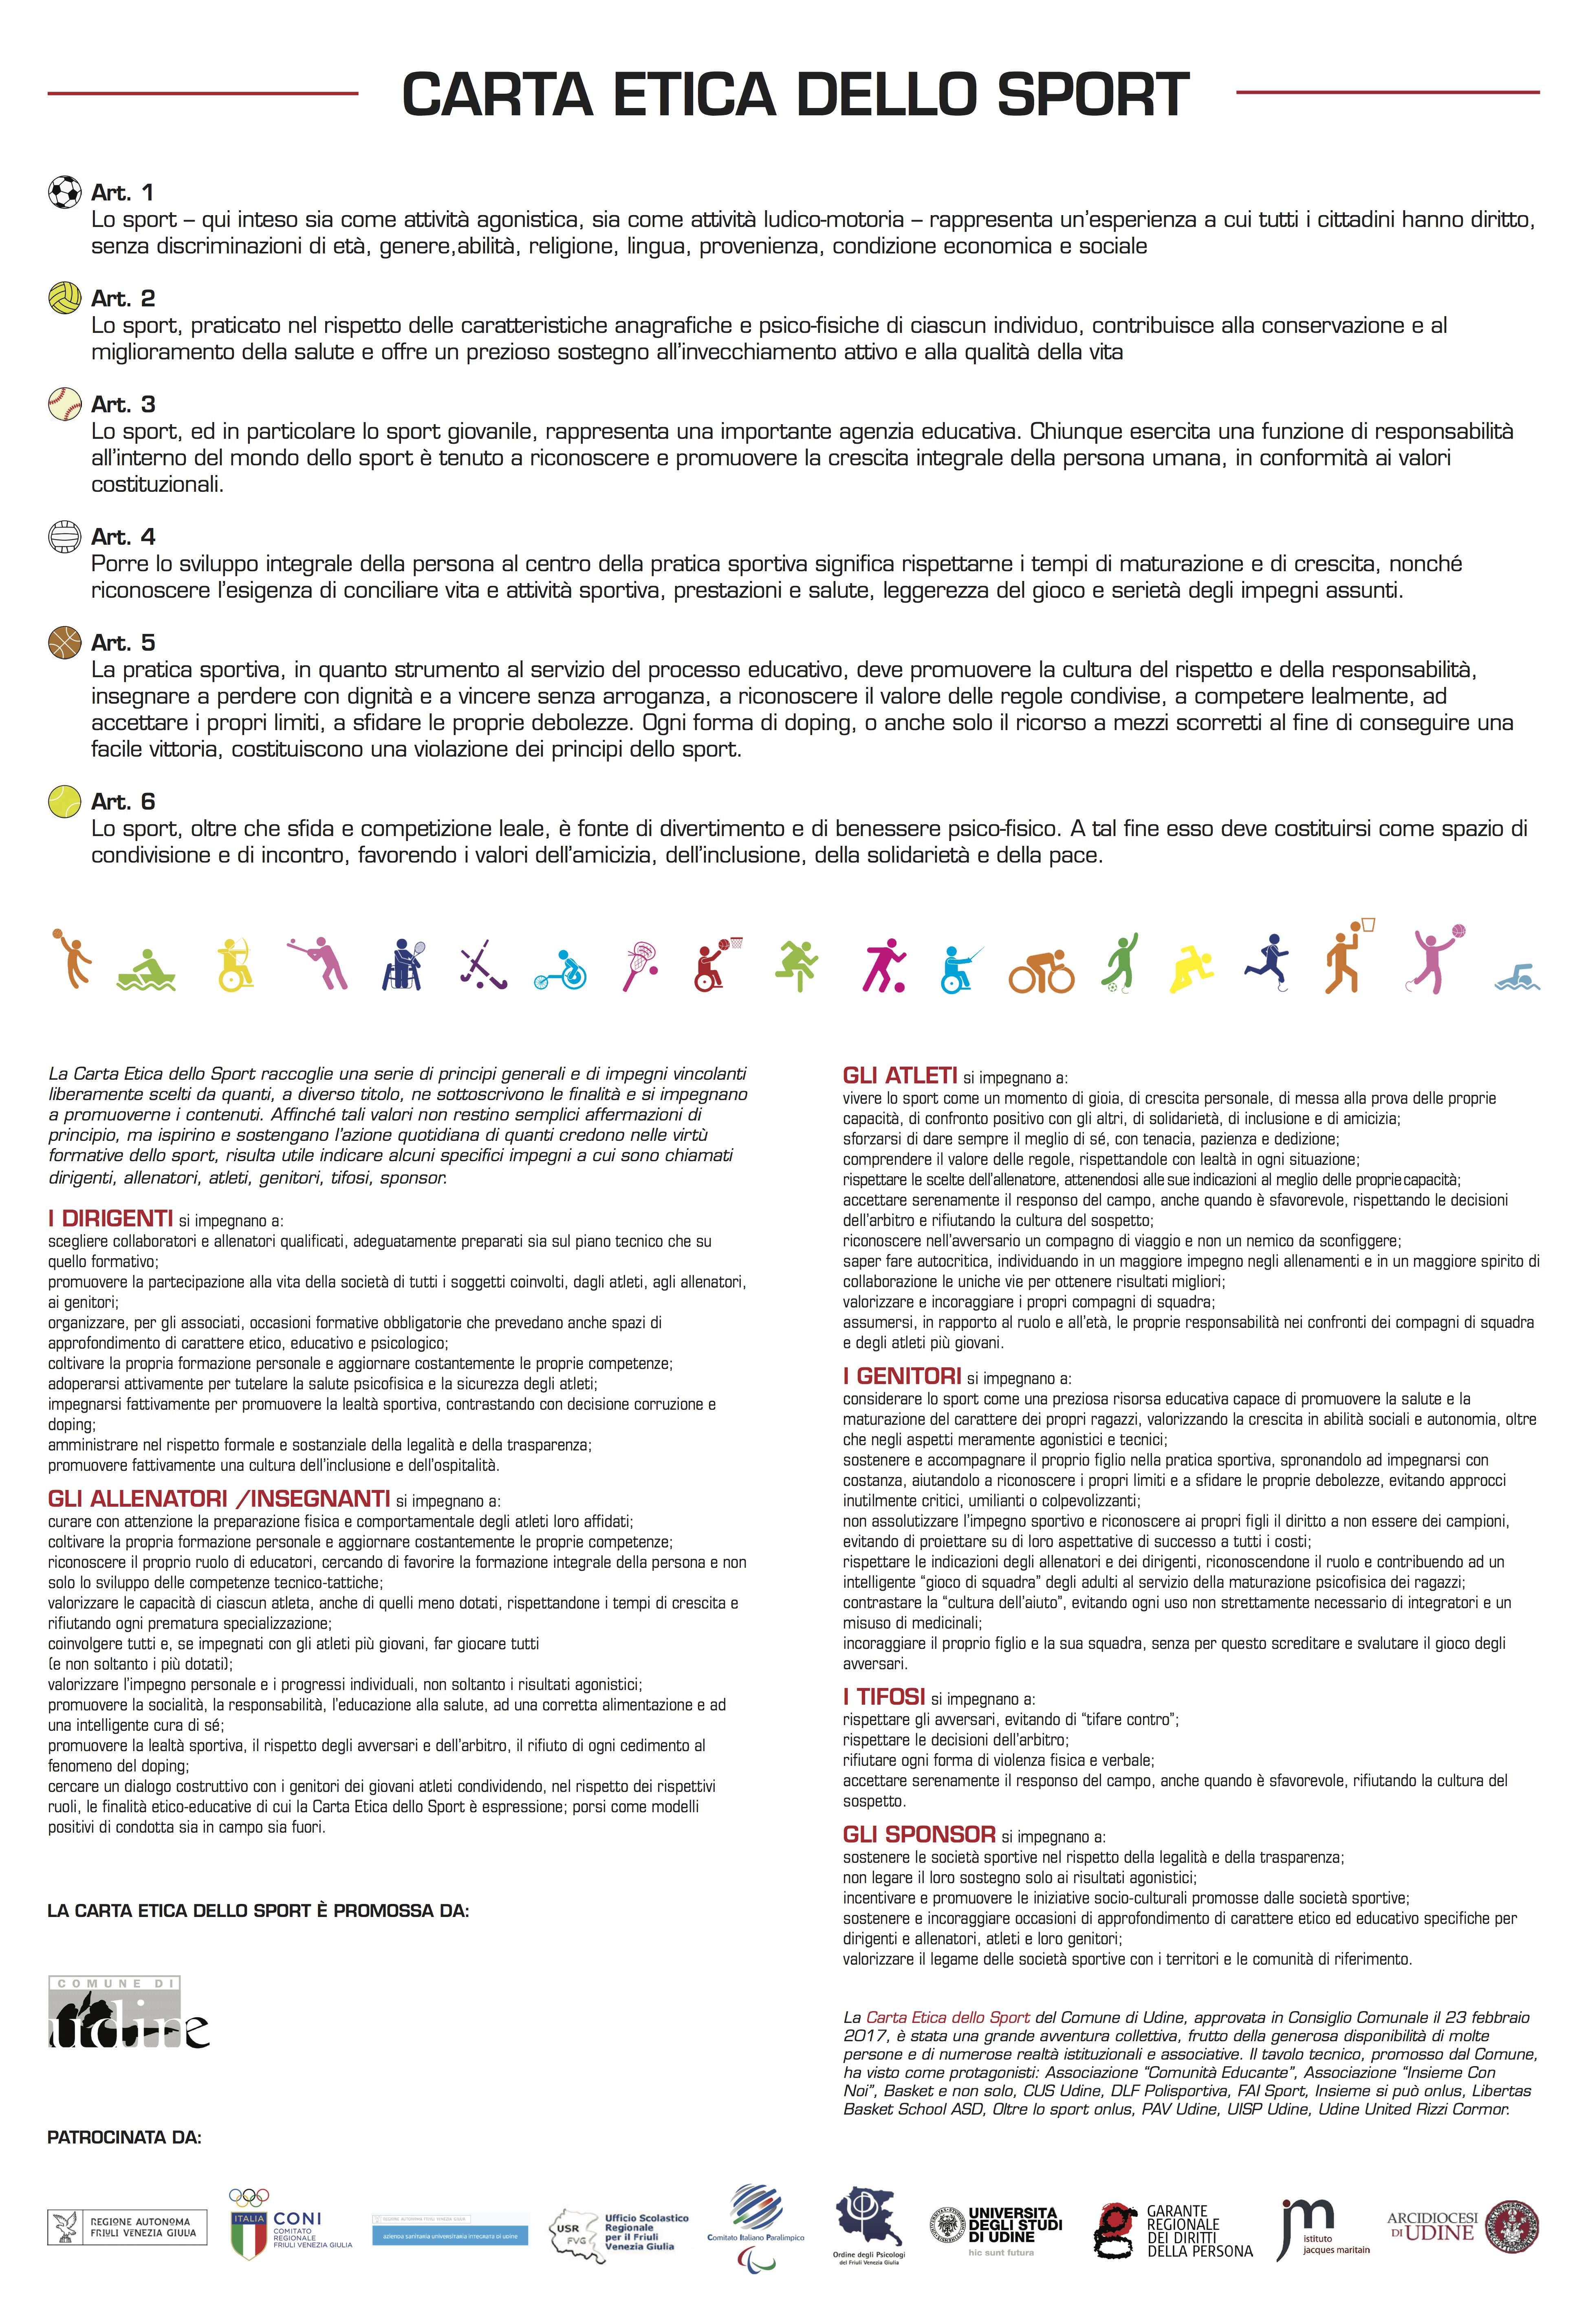 Carta Etica Dello Sport Centro Studi Jacques Maritain